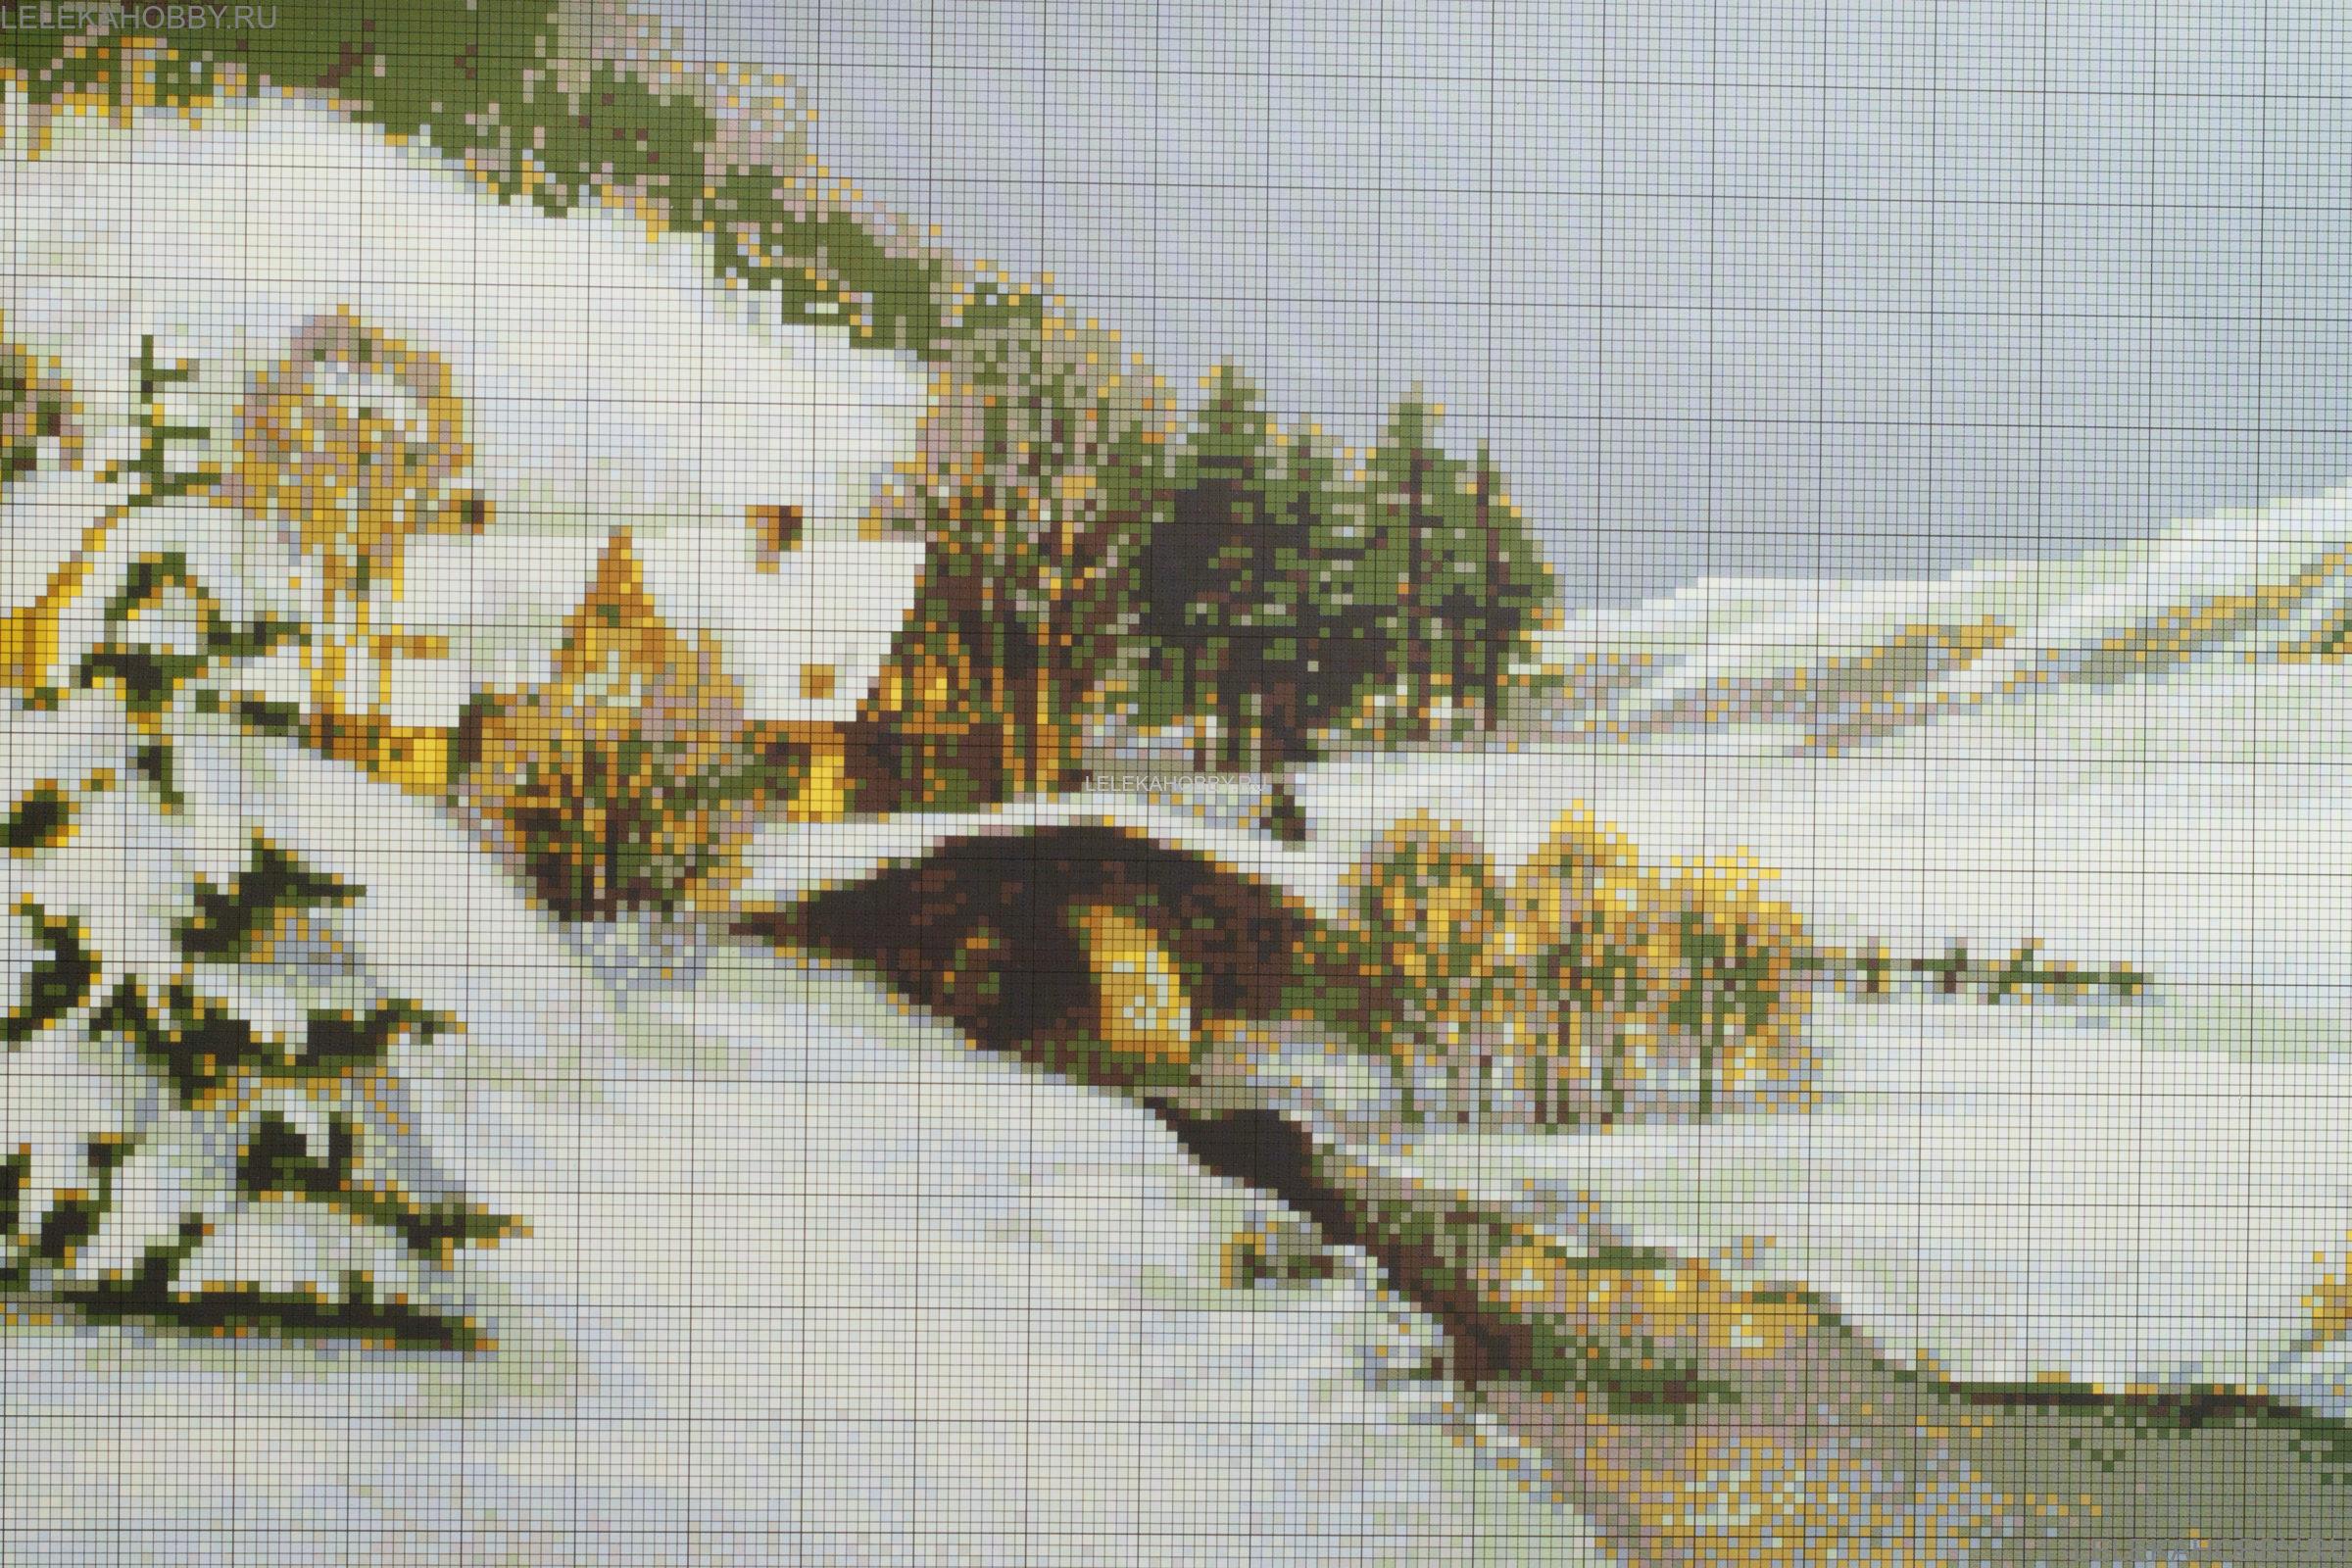 Цветные схемы вышивки крестом пейзажи